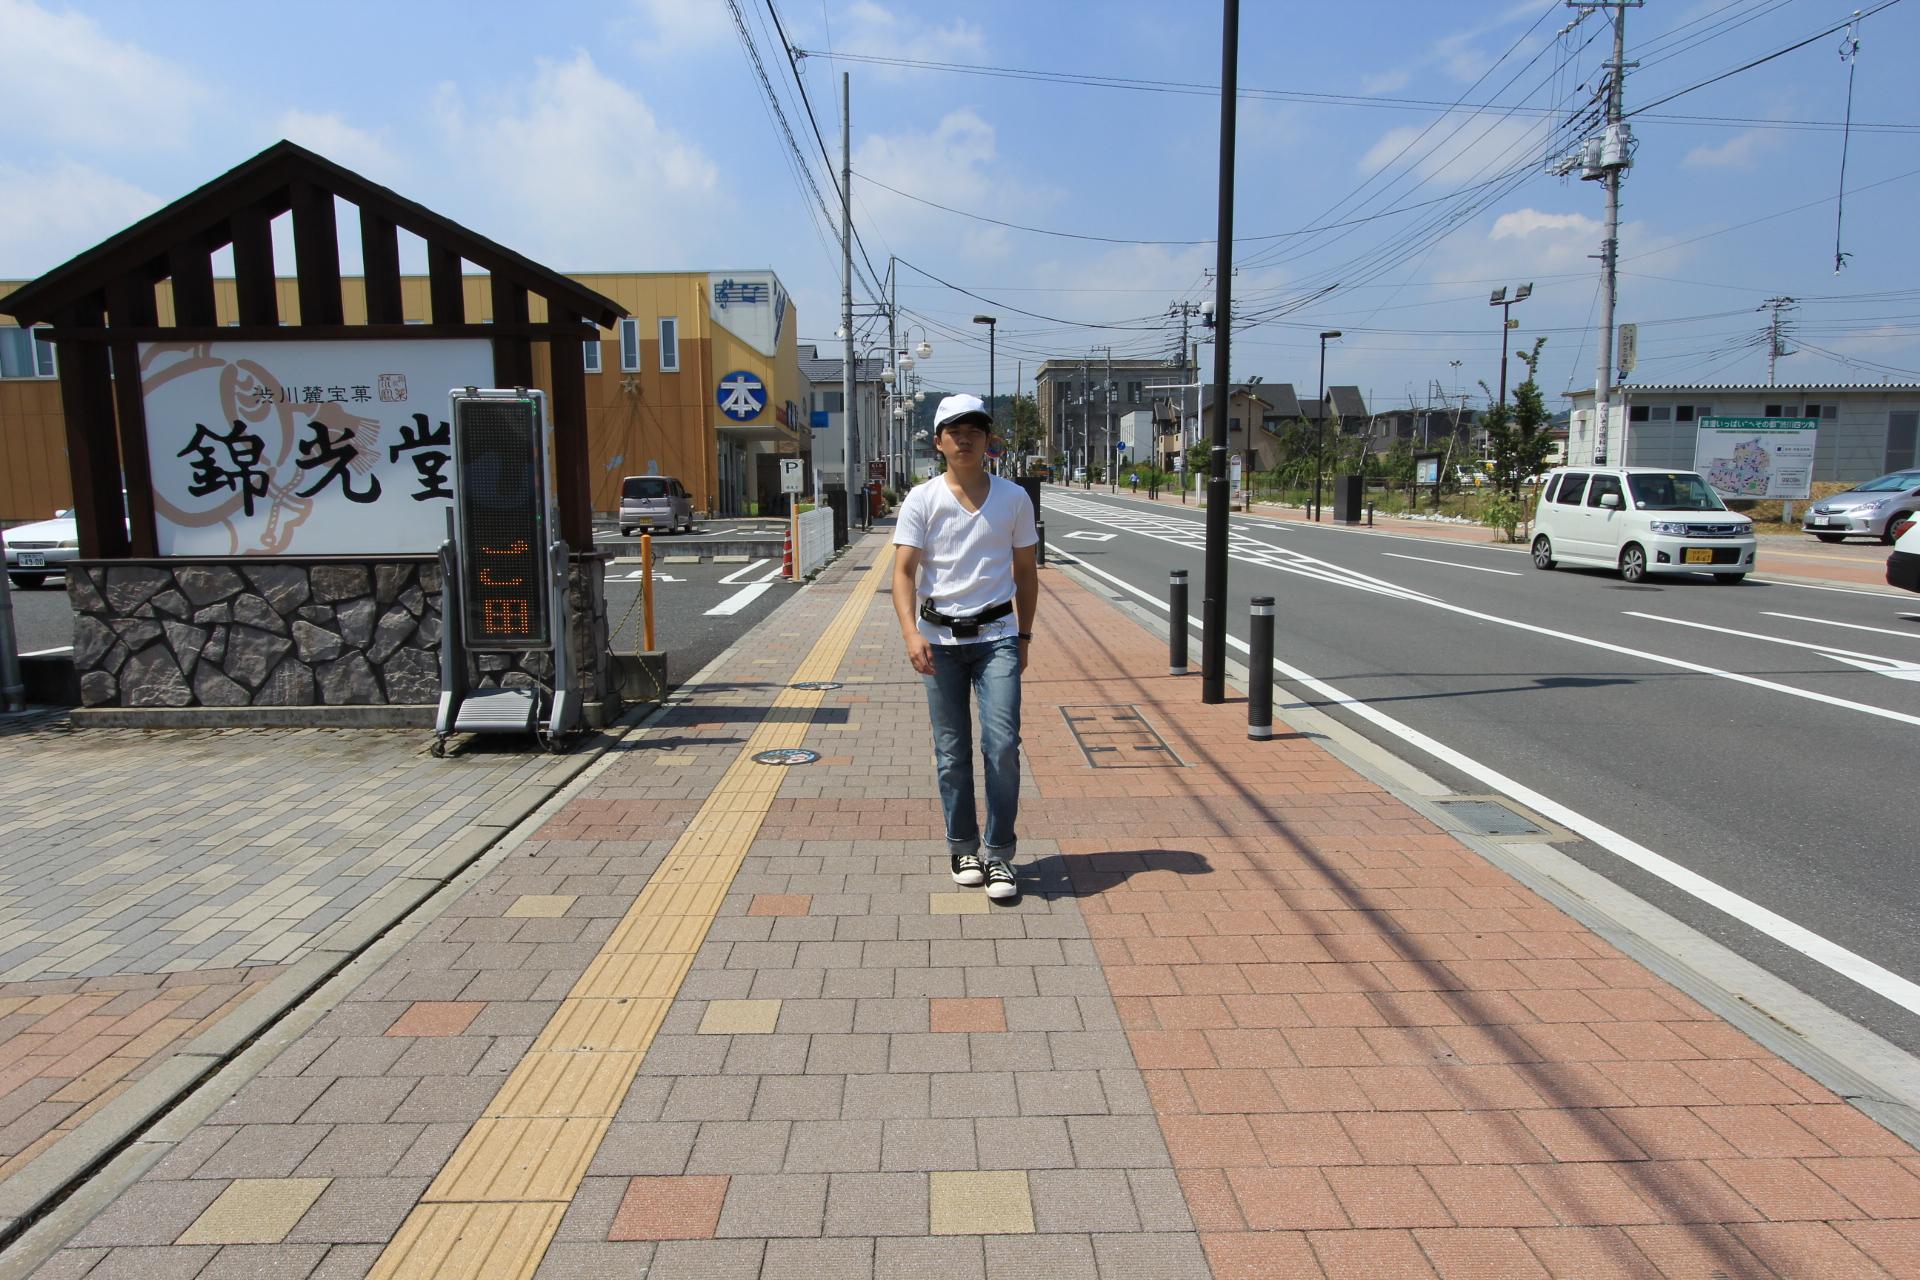 都市内を歩行